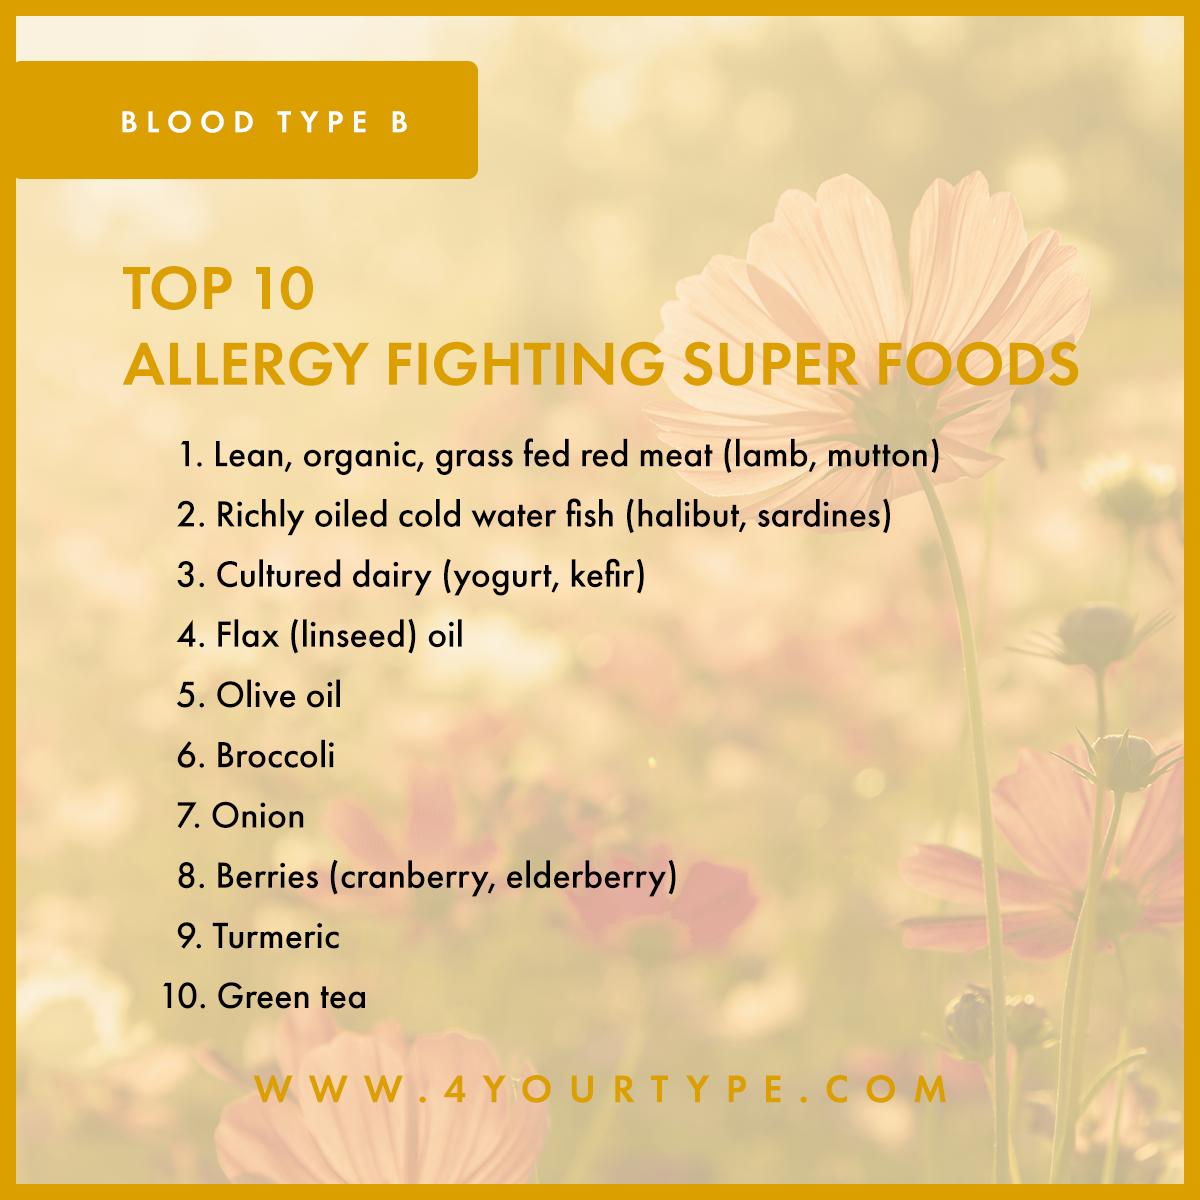 Blood Type B - Seasonal Allergies